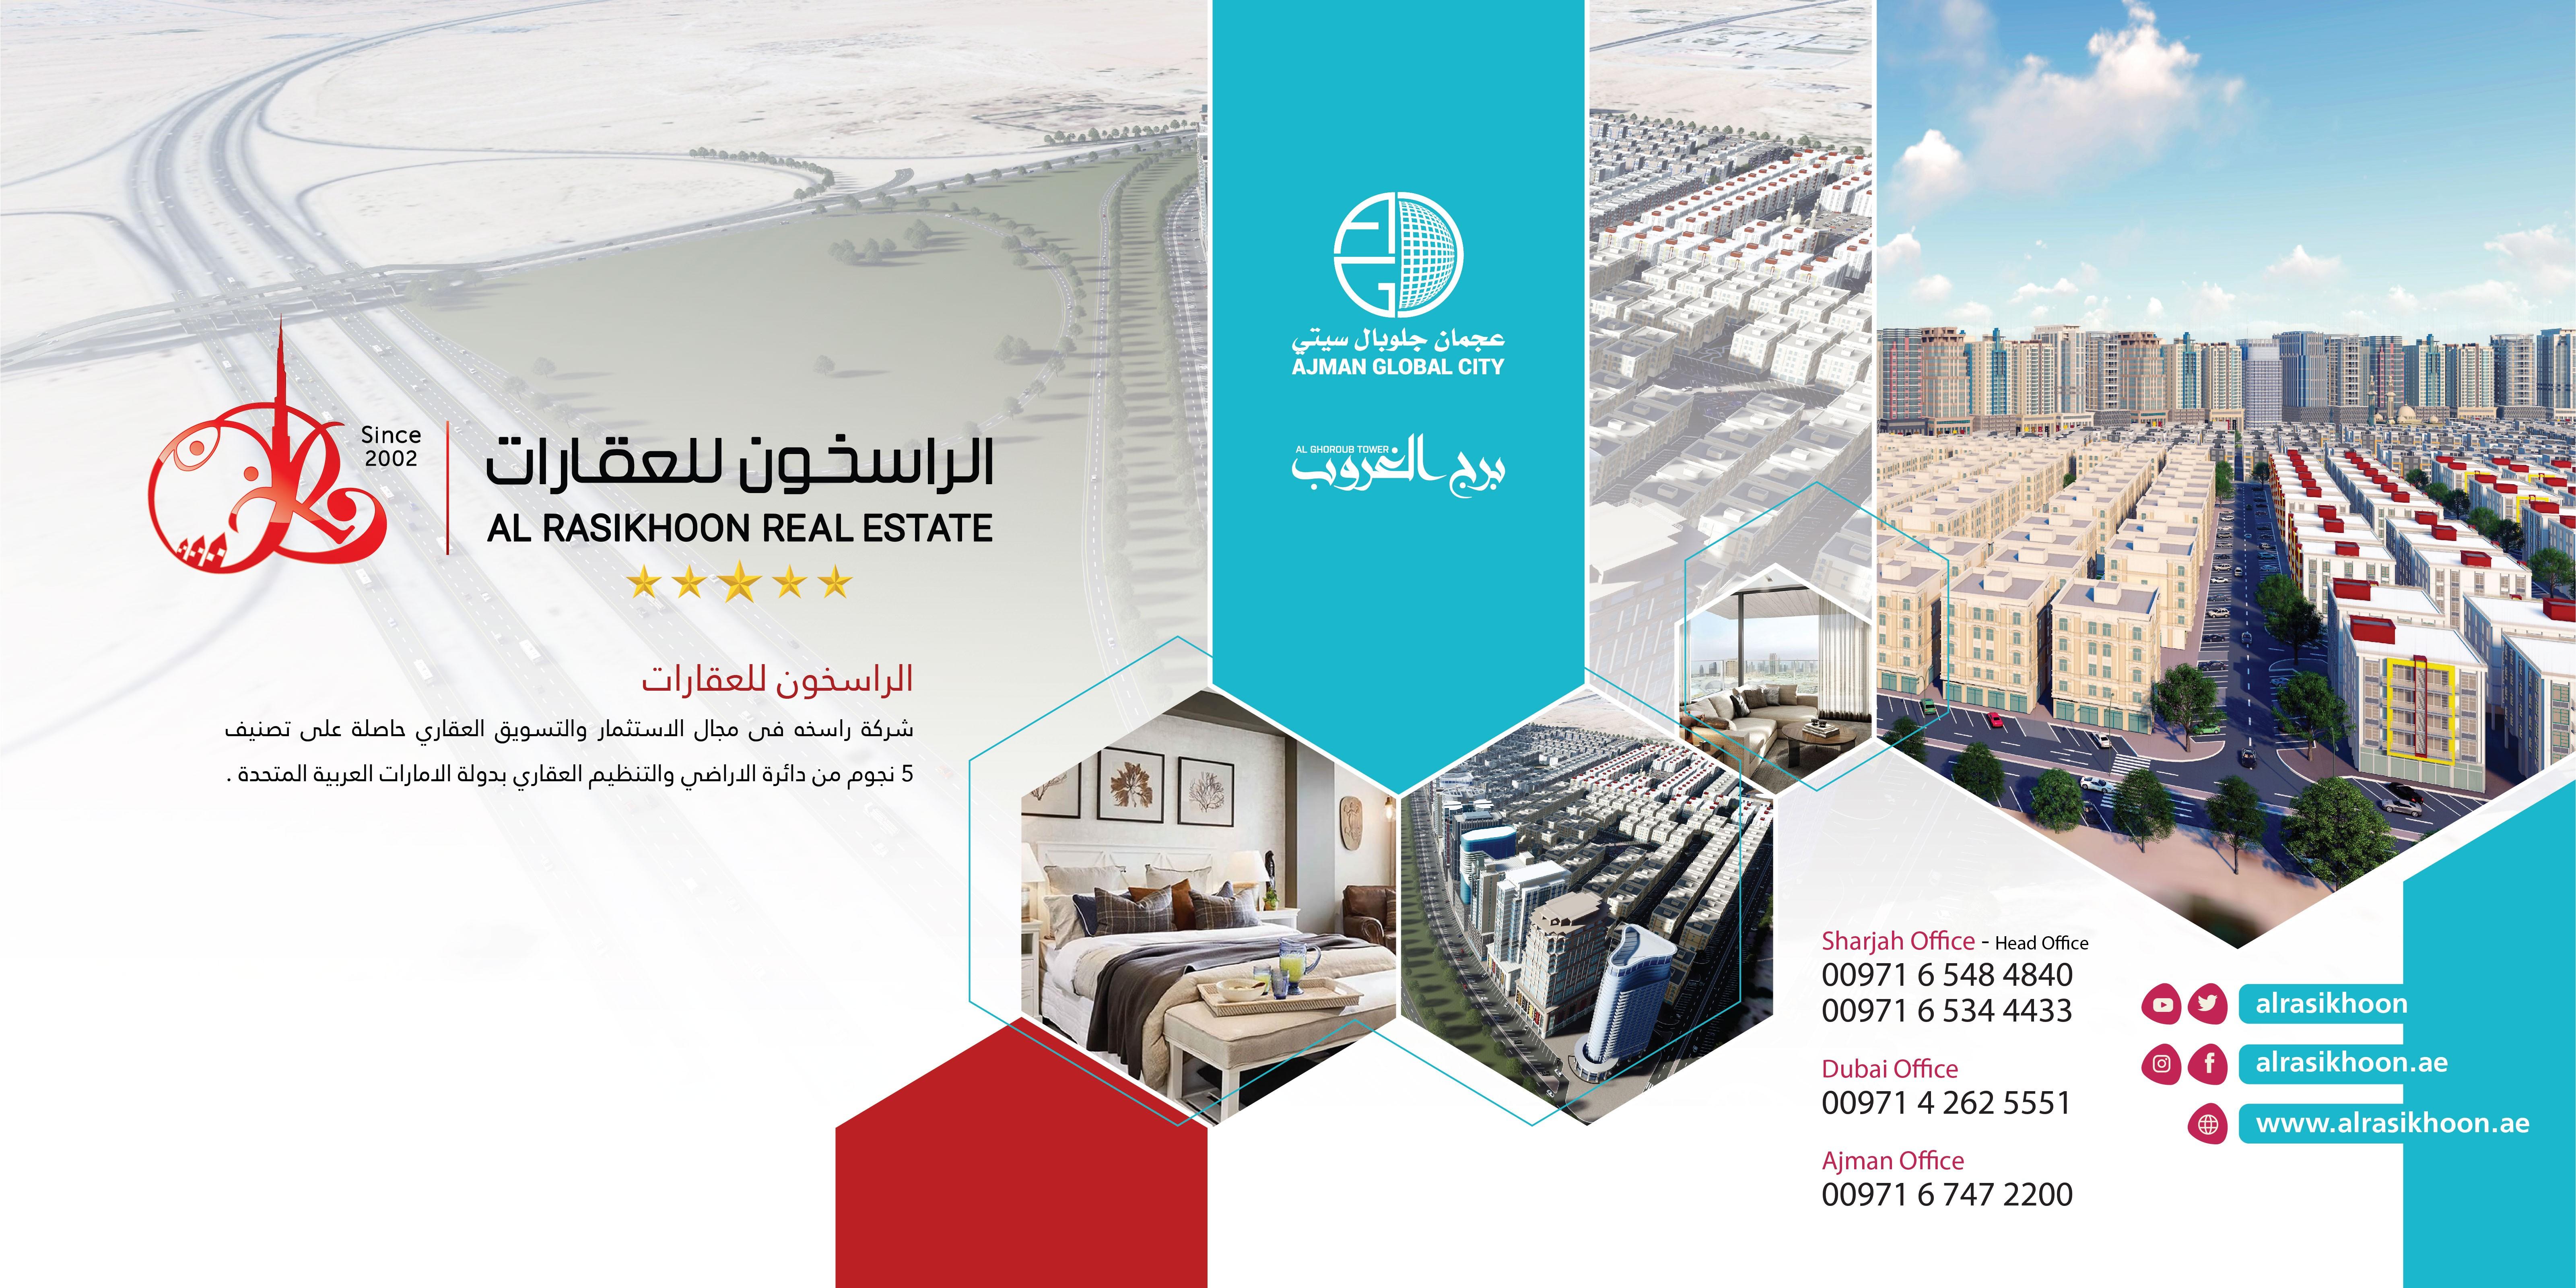 Al Rasikhoon Real Estate | LinkedIn